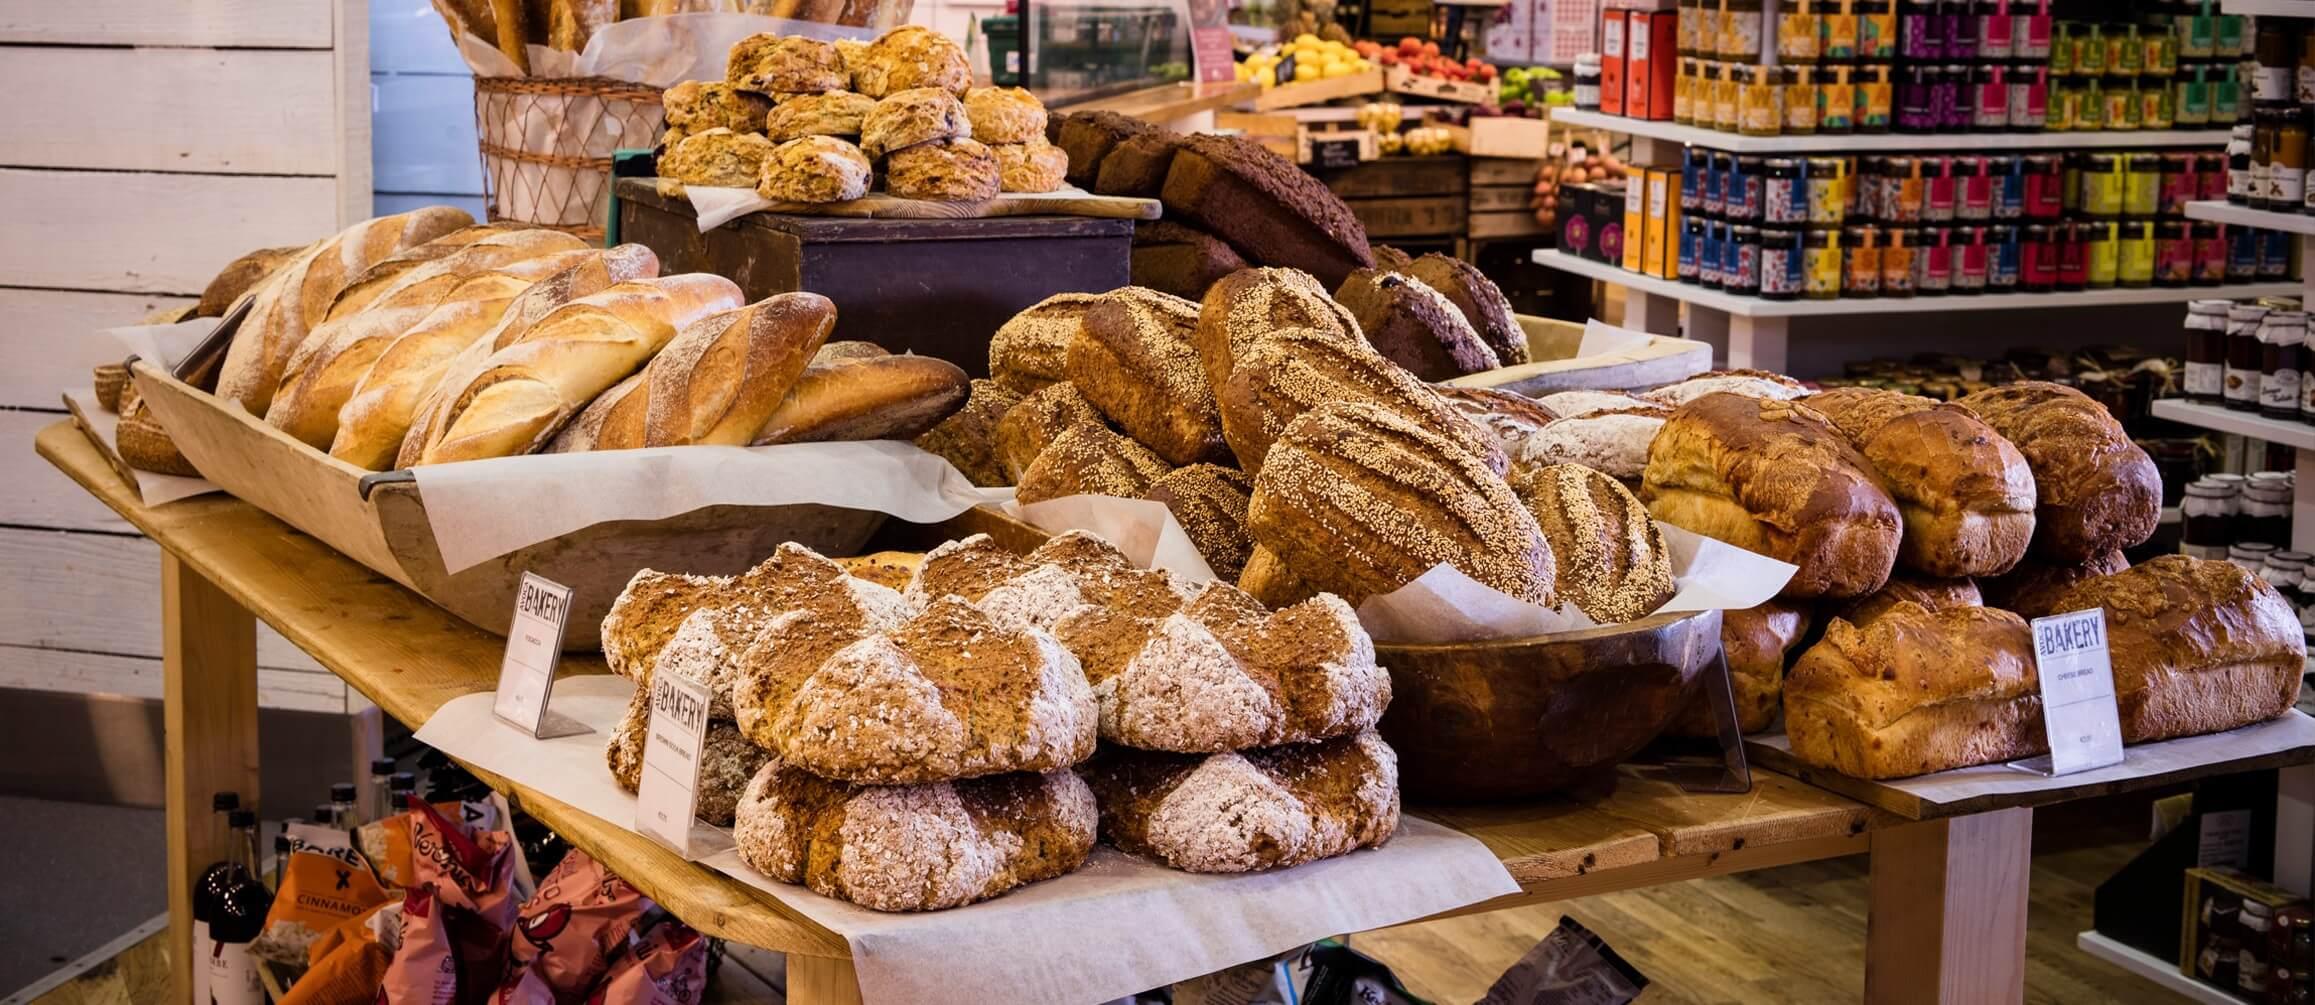 دراسة جدوي مشروع مخبز وحلواني